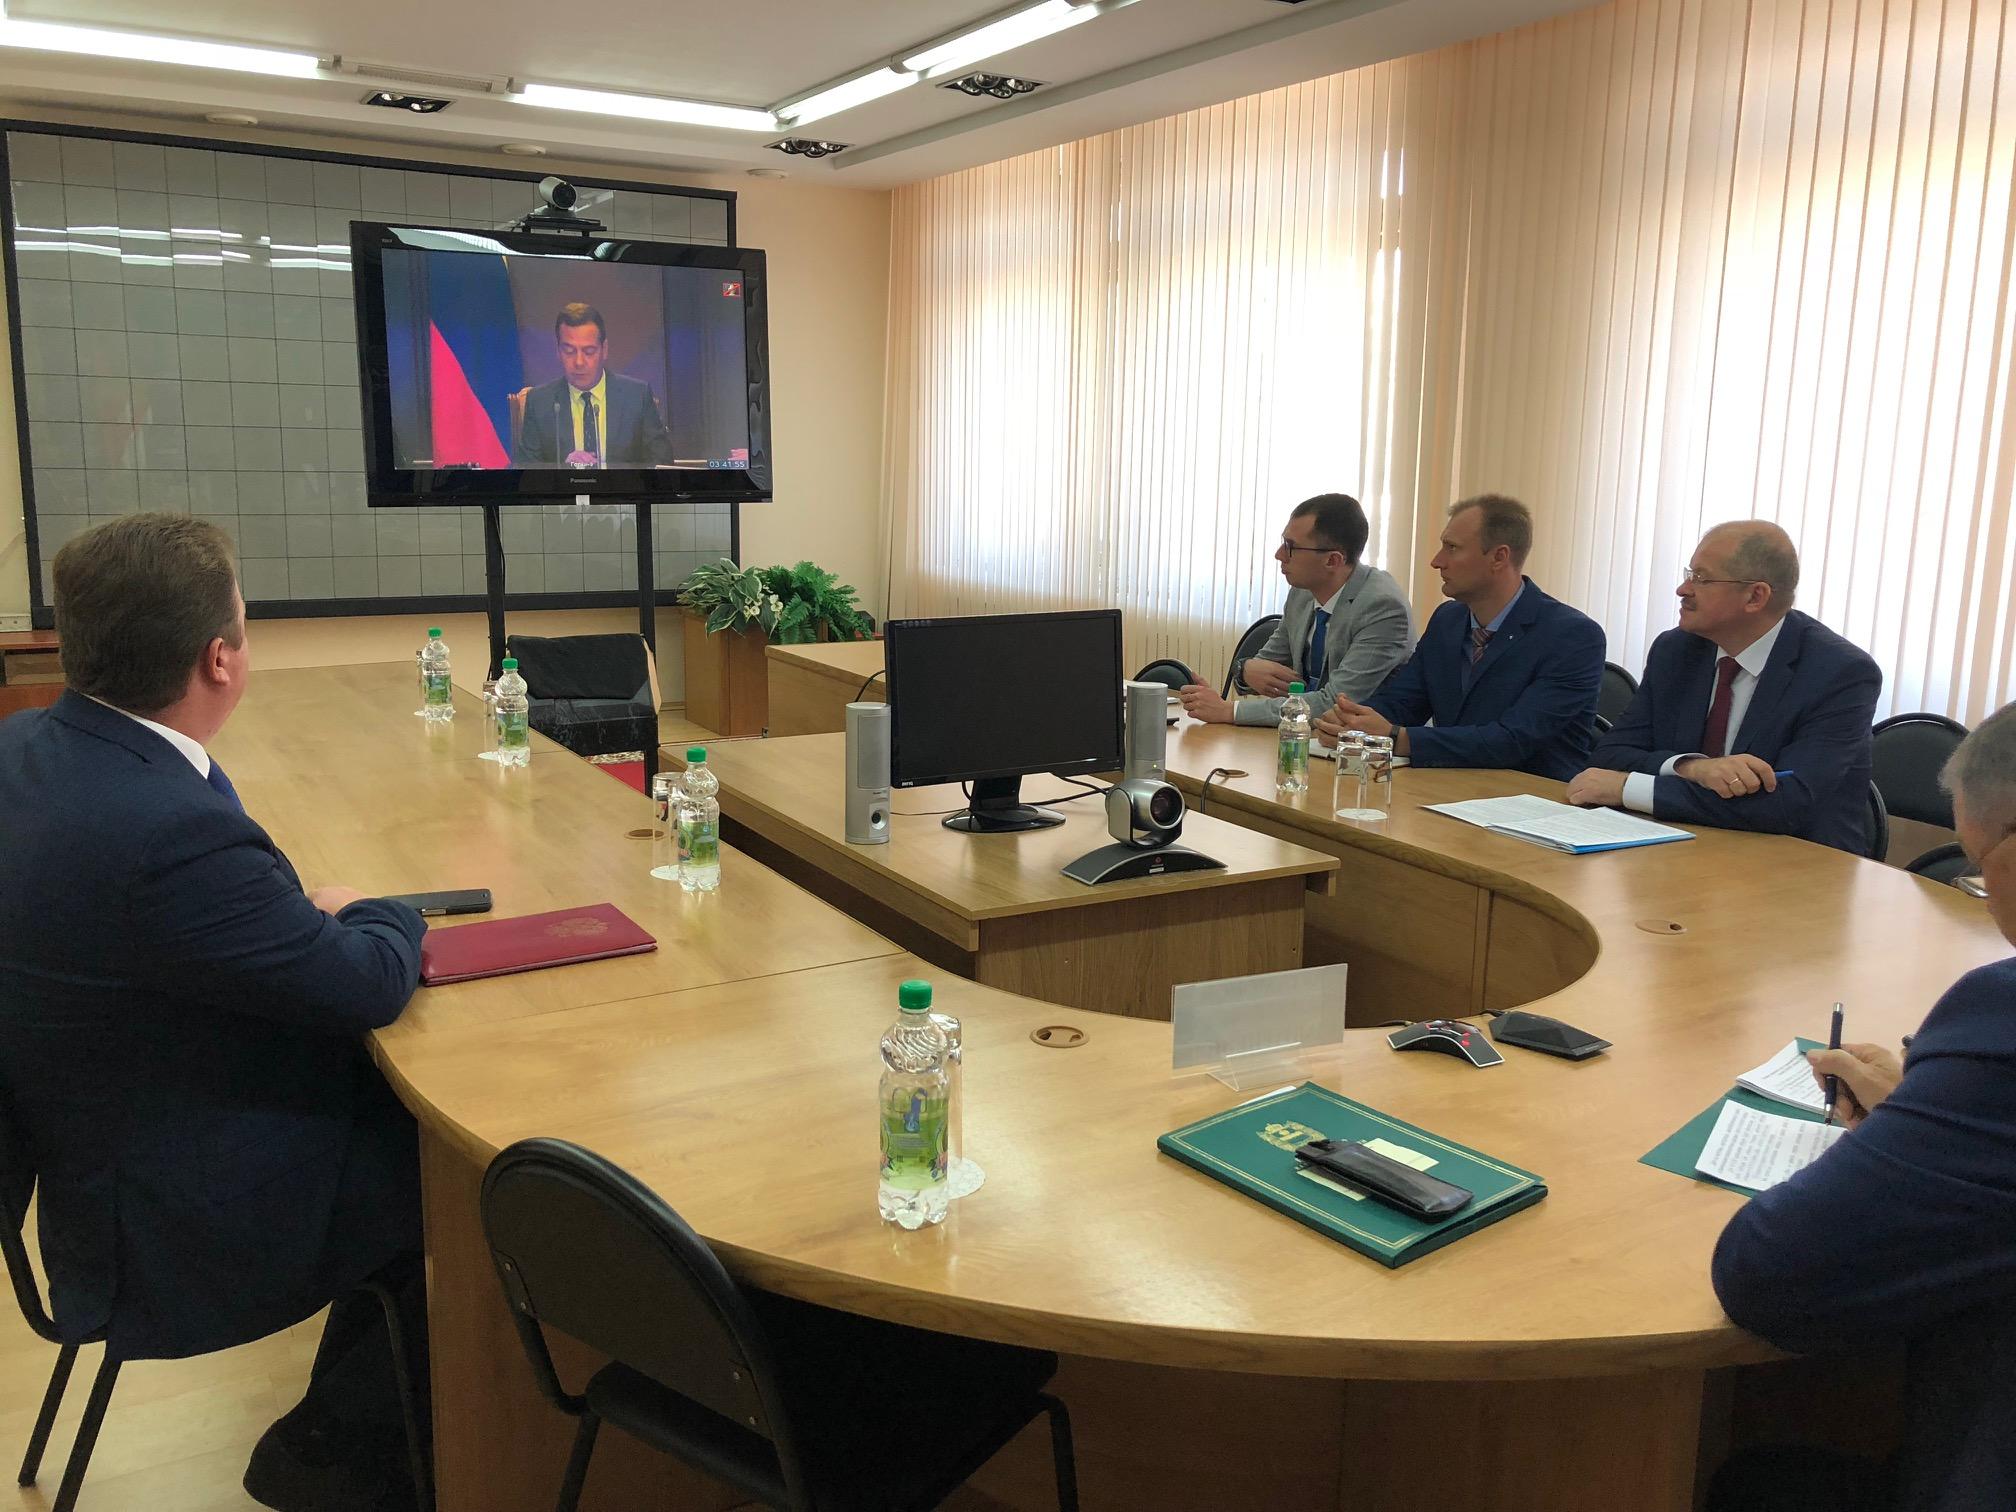 Председатель правительства РФ провел видеоселекторное совещание